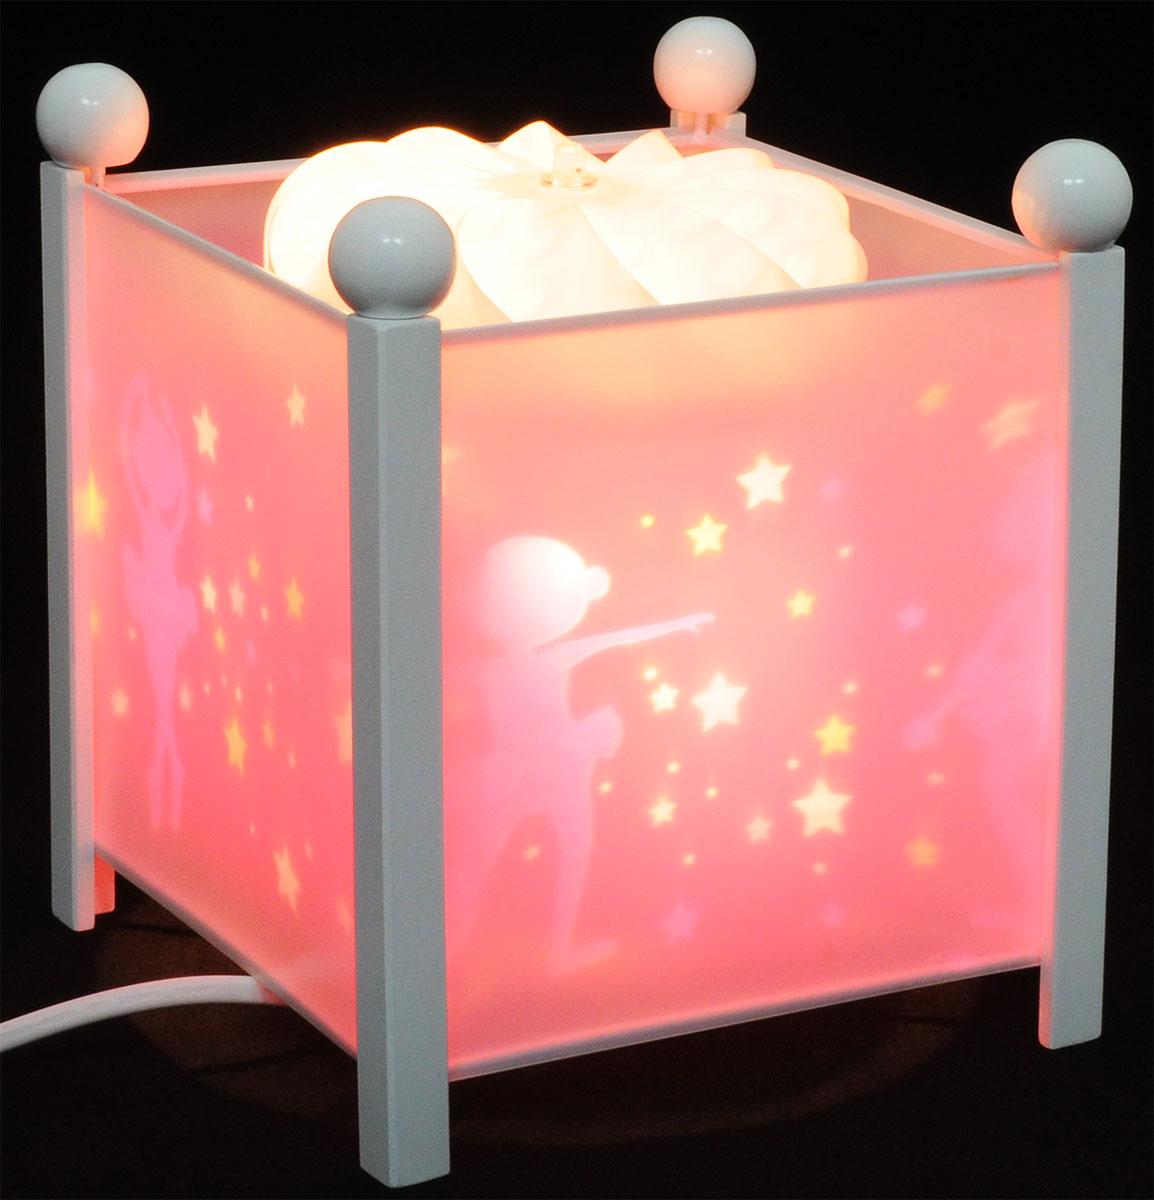 Trousselier Светильник-ночник Magic Lantern Ballerina цвет белый4311W 12VНочник Trousselier Magic Lantern Ballerina - идеальный аксессуар для детской комнаты. Нежный свет и красочные картинки создадут атмосферу уюта, успокоят и убаюкают кроху. Вы можете подобрать картинку, а также музыкальную подставку с подзаводом (опция). Классический ночник с вращающейся картинкой. Цилиндр ночника вращается благодаря системе нагрева от лампочки 12V 20W, цоколь E14. Тип розетки: C. Размер: 16,5 см x 19 см. Материал: металлический корпус, деревянные ножки и углы, пластиковый, жароустойчивый цилиндр. Поставляется в подарочной упаковке. Соответствует нормам безопасности: CE EN 60598-2-10.